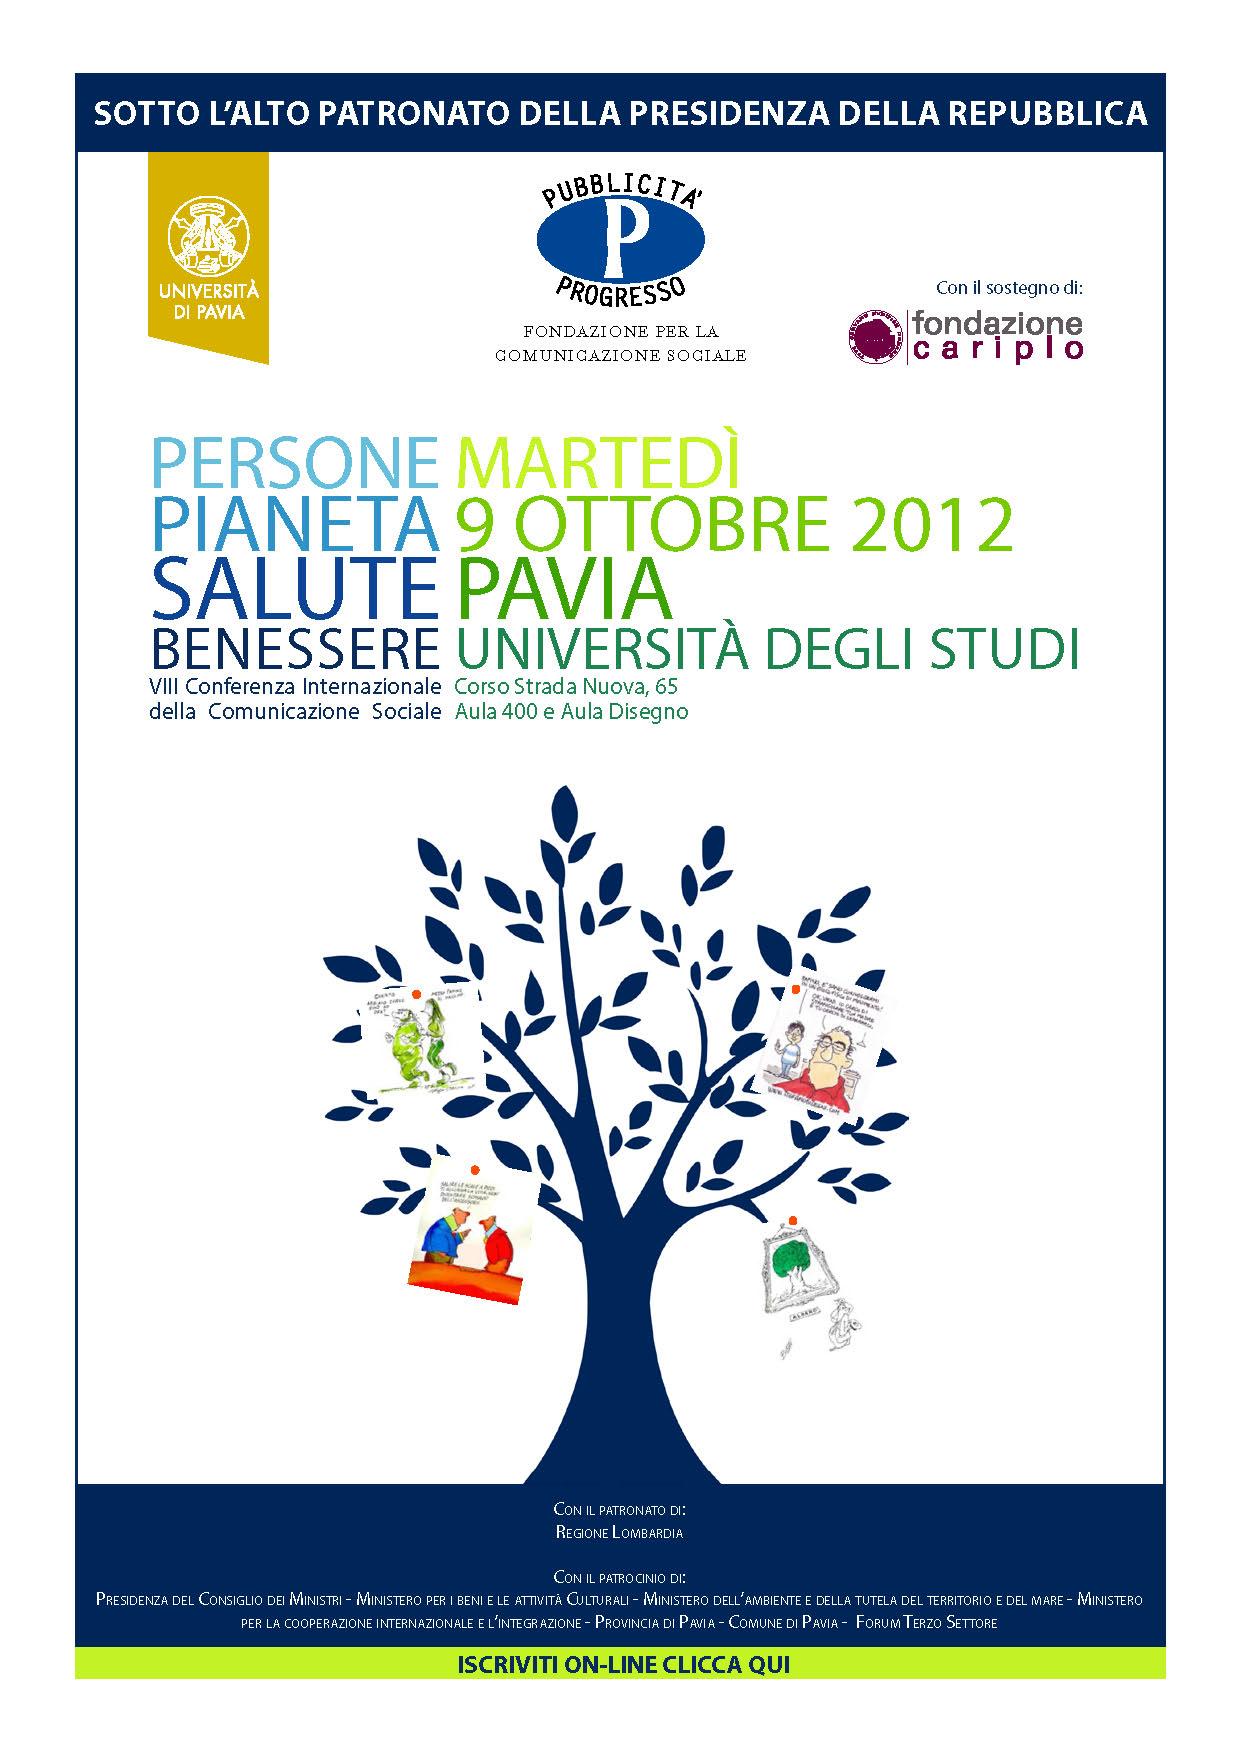 Viii conferenza internazionale di pubblicit progresso for Design della comunicazione universita